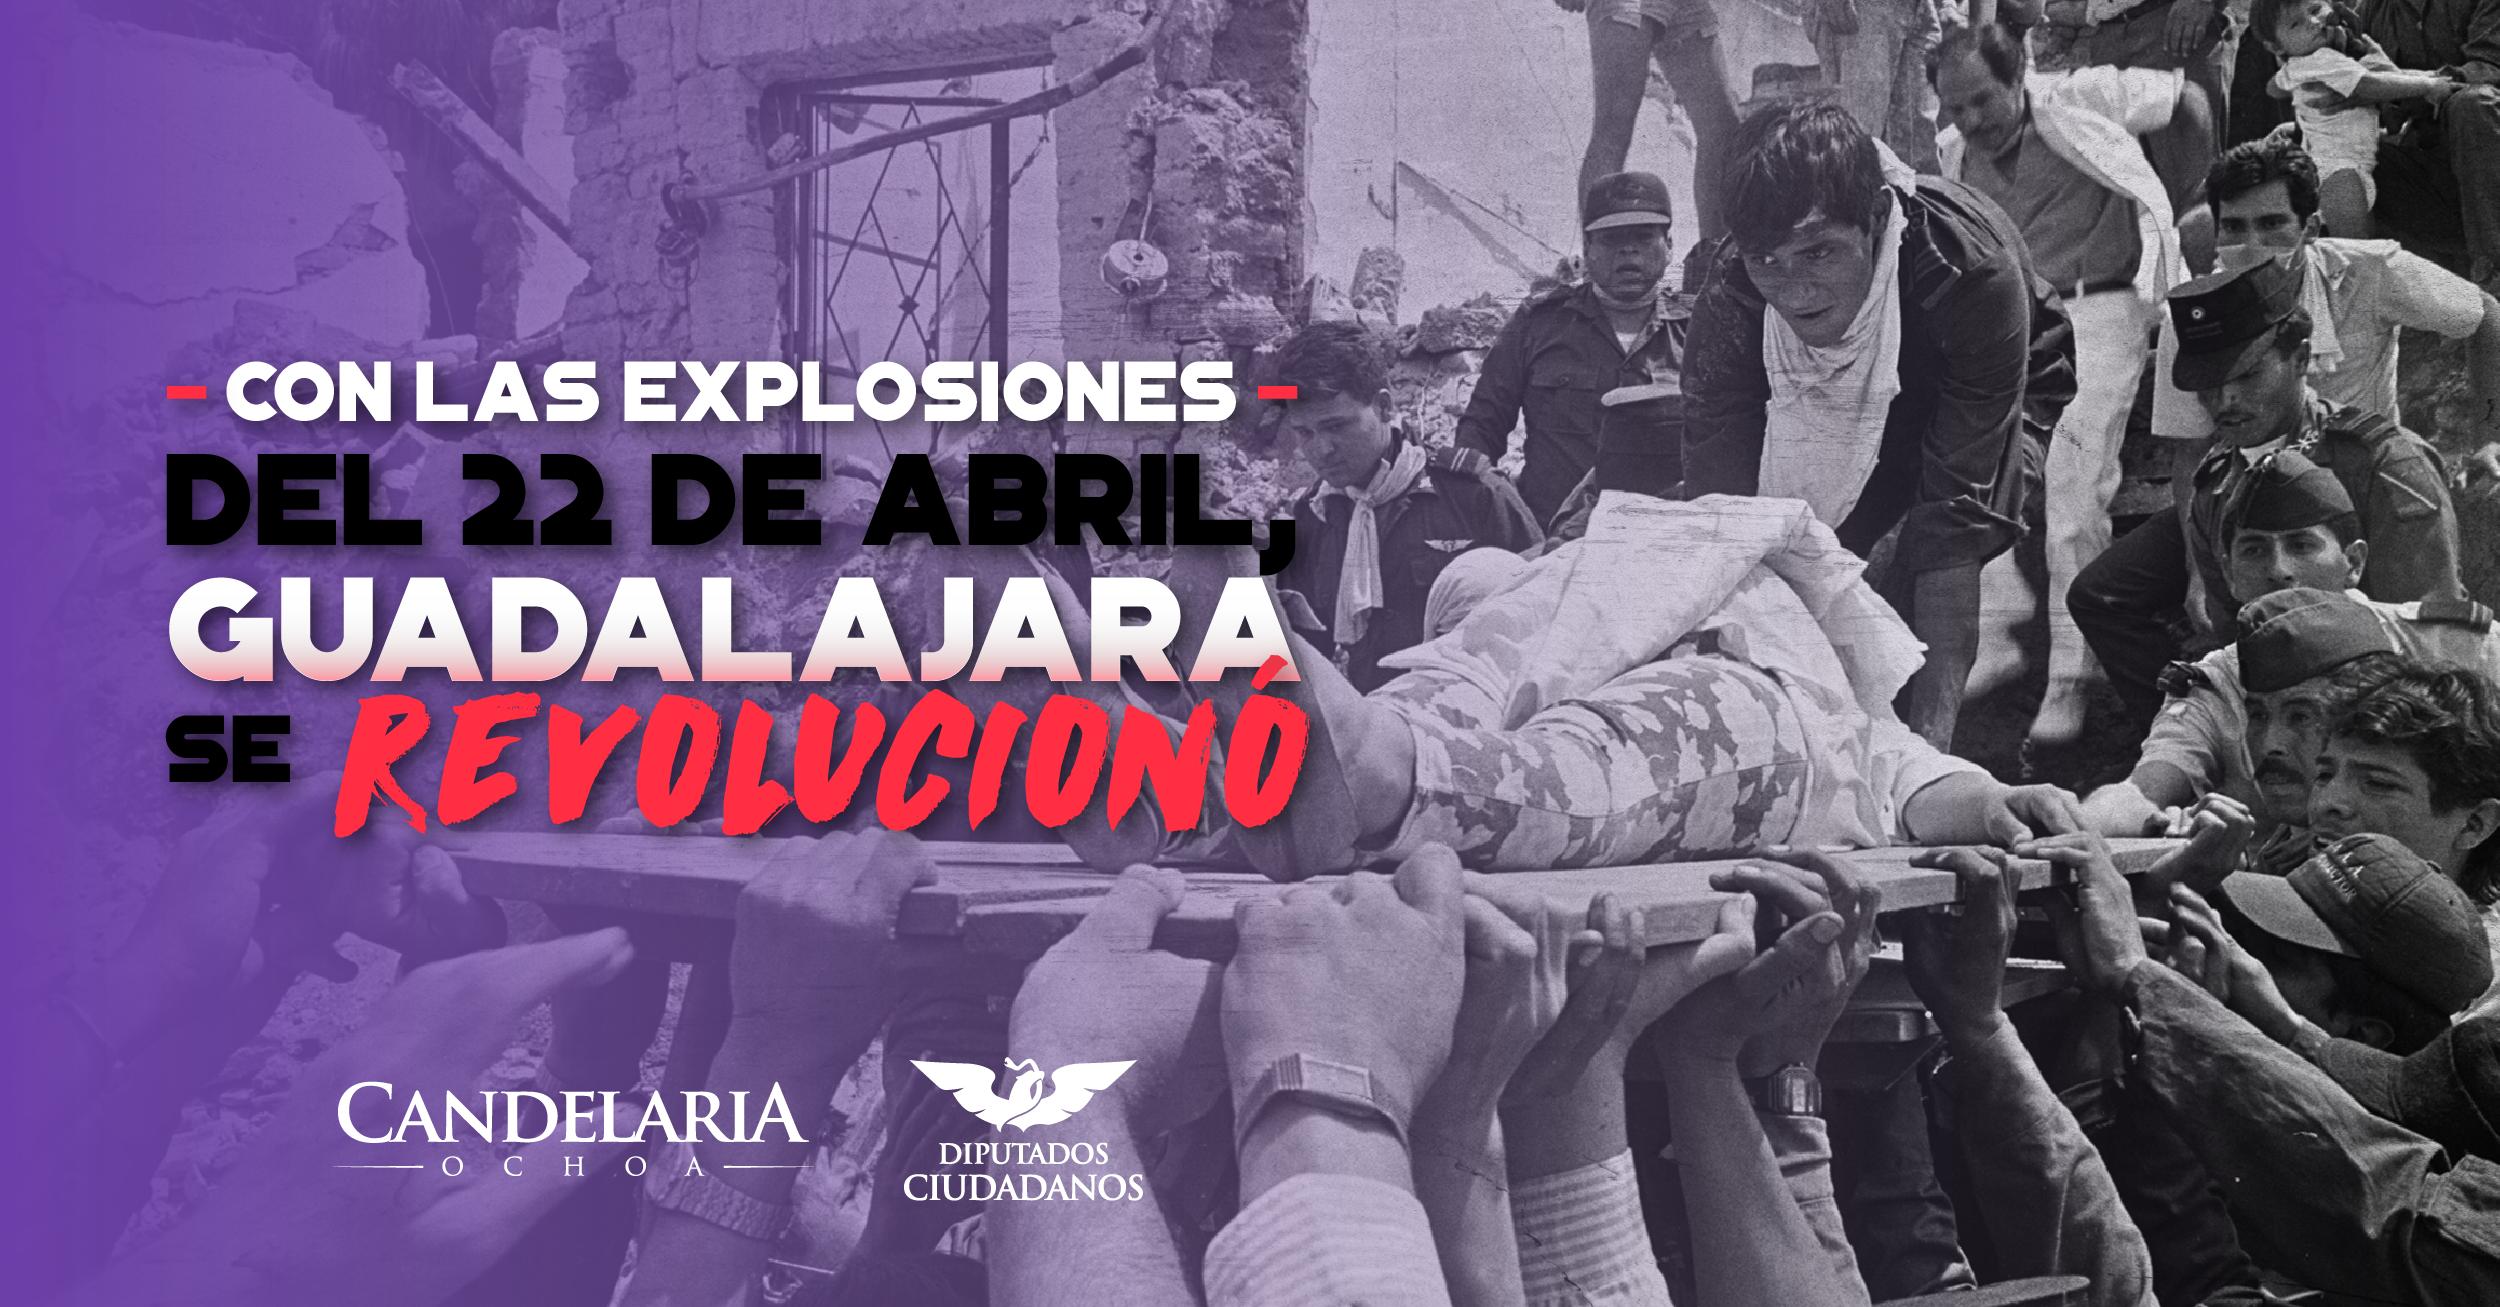 Siempreviva: Guadalajara se revolucionó con las explosiones del 22 de abril